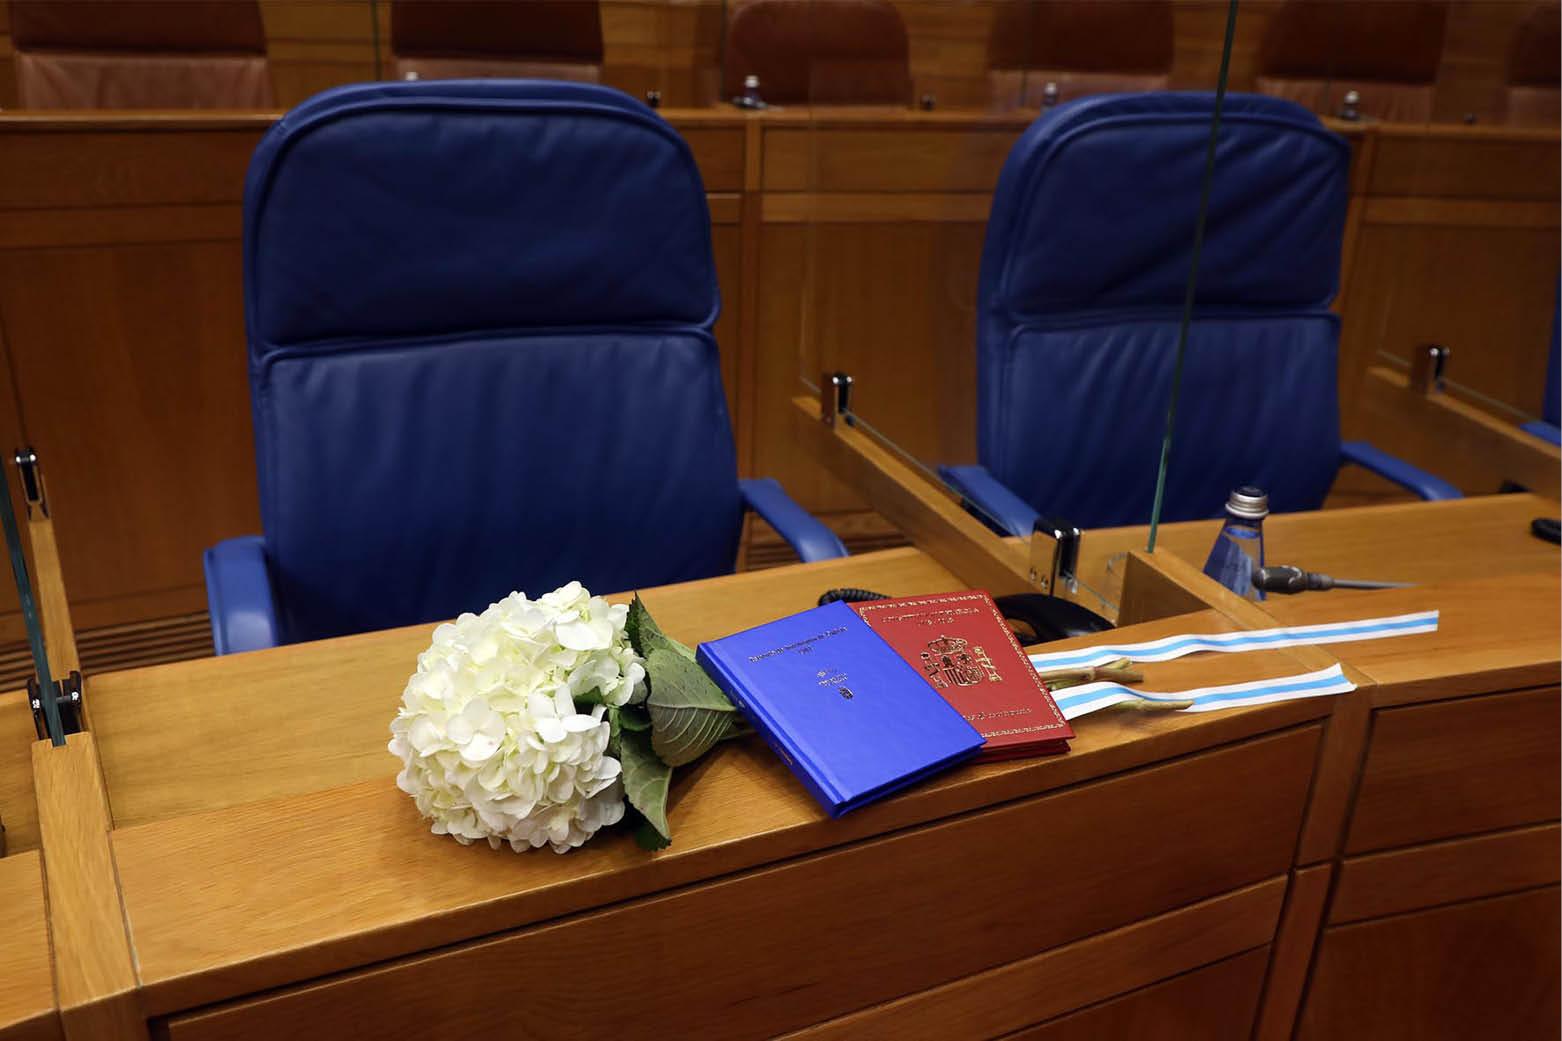 Flores, Estatuto y Constitución en el escaño de Valeriano